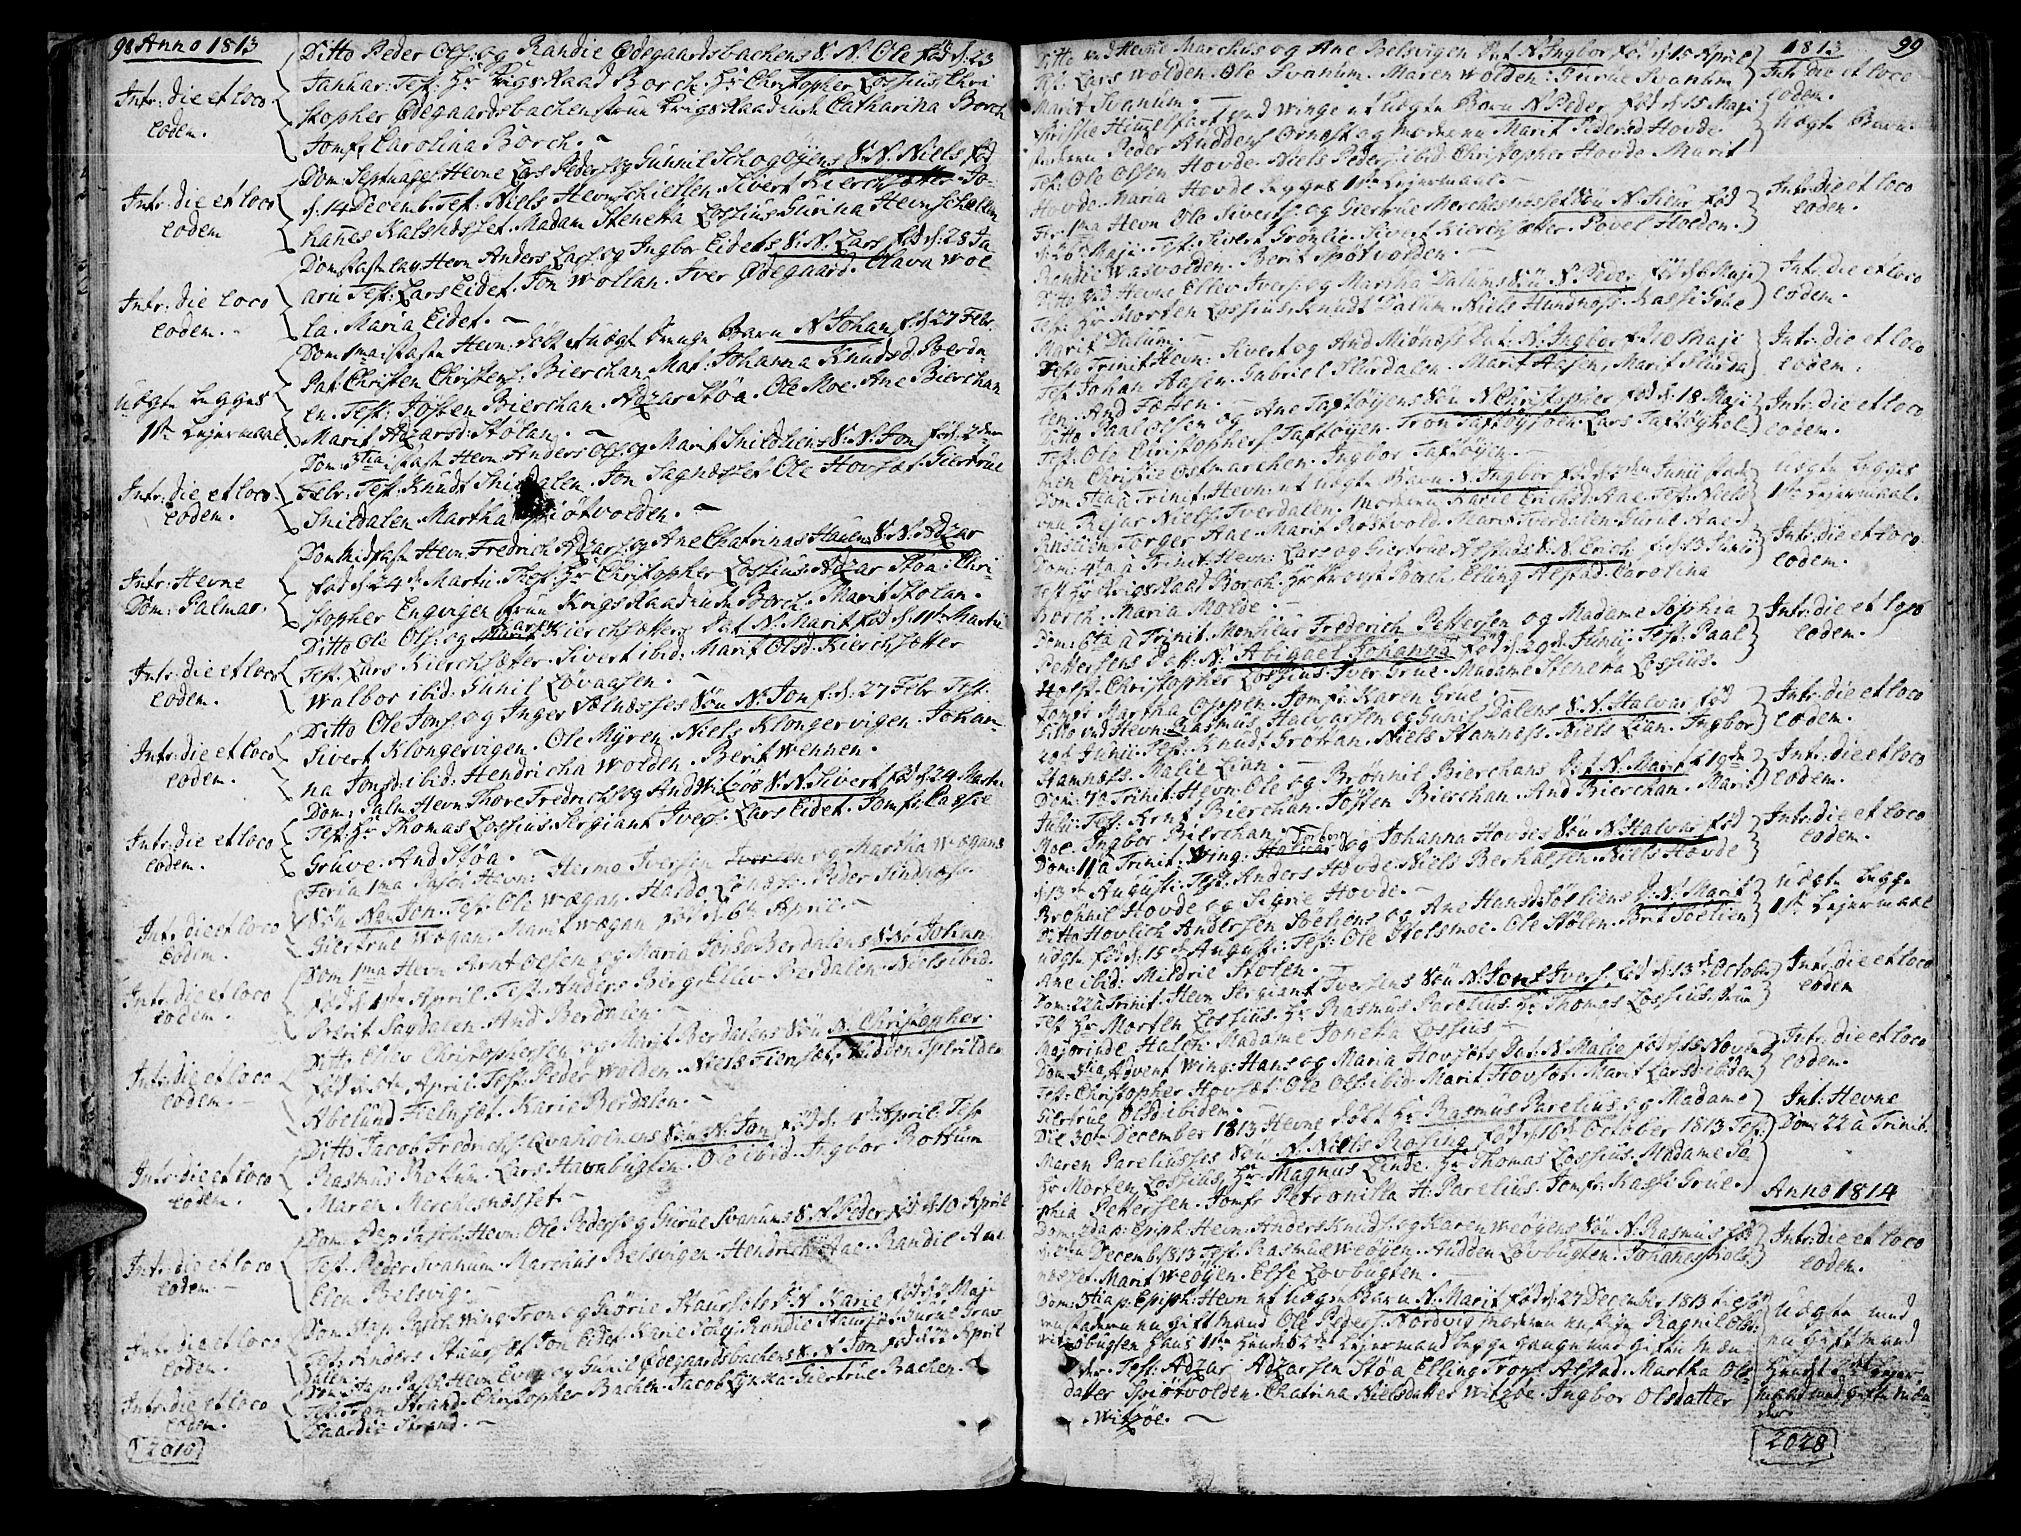 SAT, Ministerialprotokoller, klokkerbøker og fødselsregistre - Sør-Trøndelag, 630/L0490: Ministerialbok nr. 630A03, 1795-1818, s. 98-99